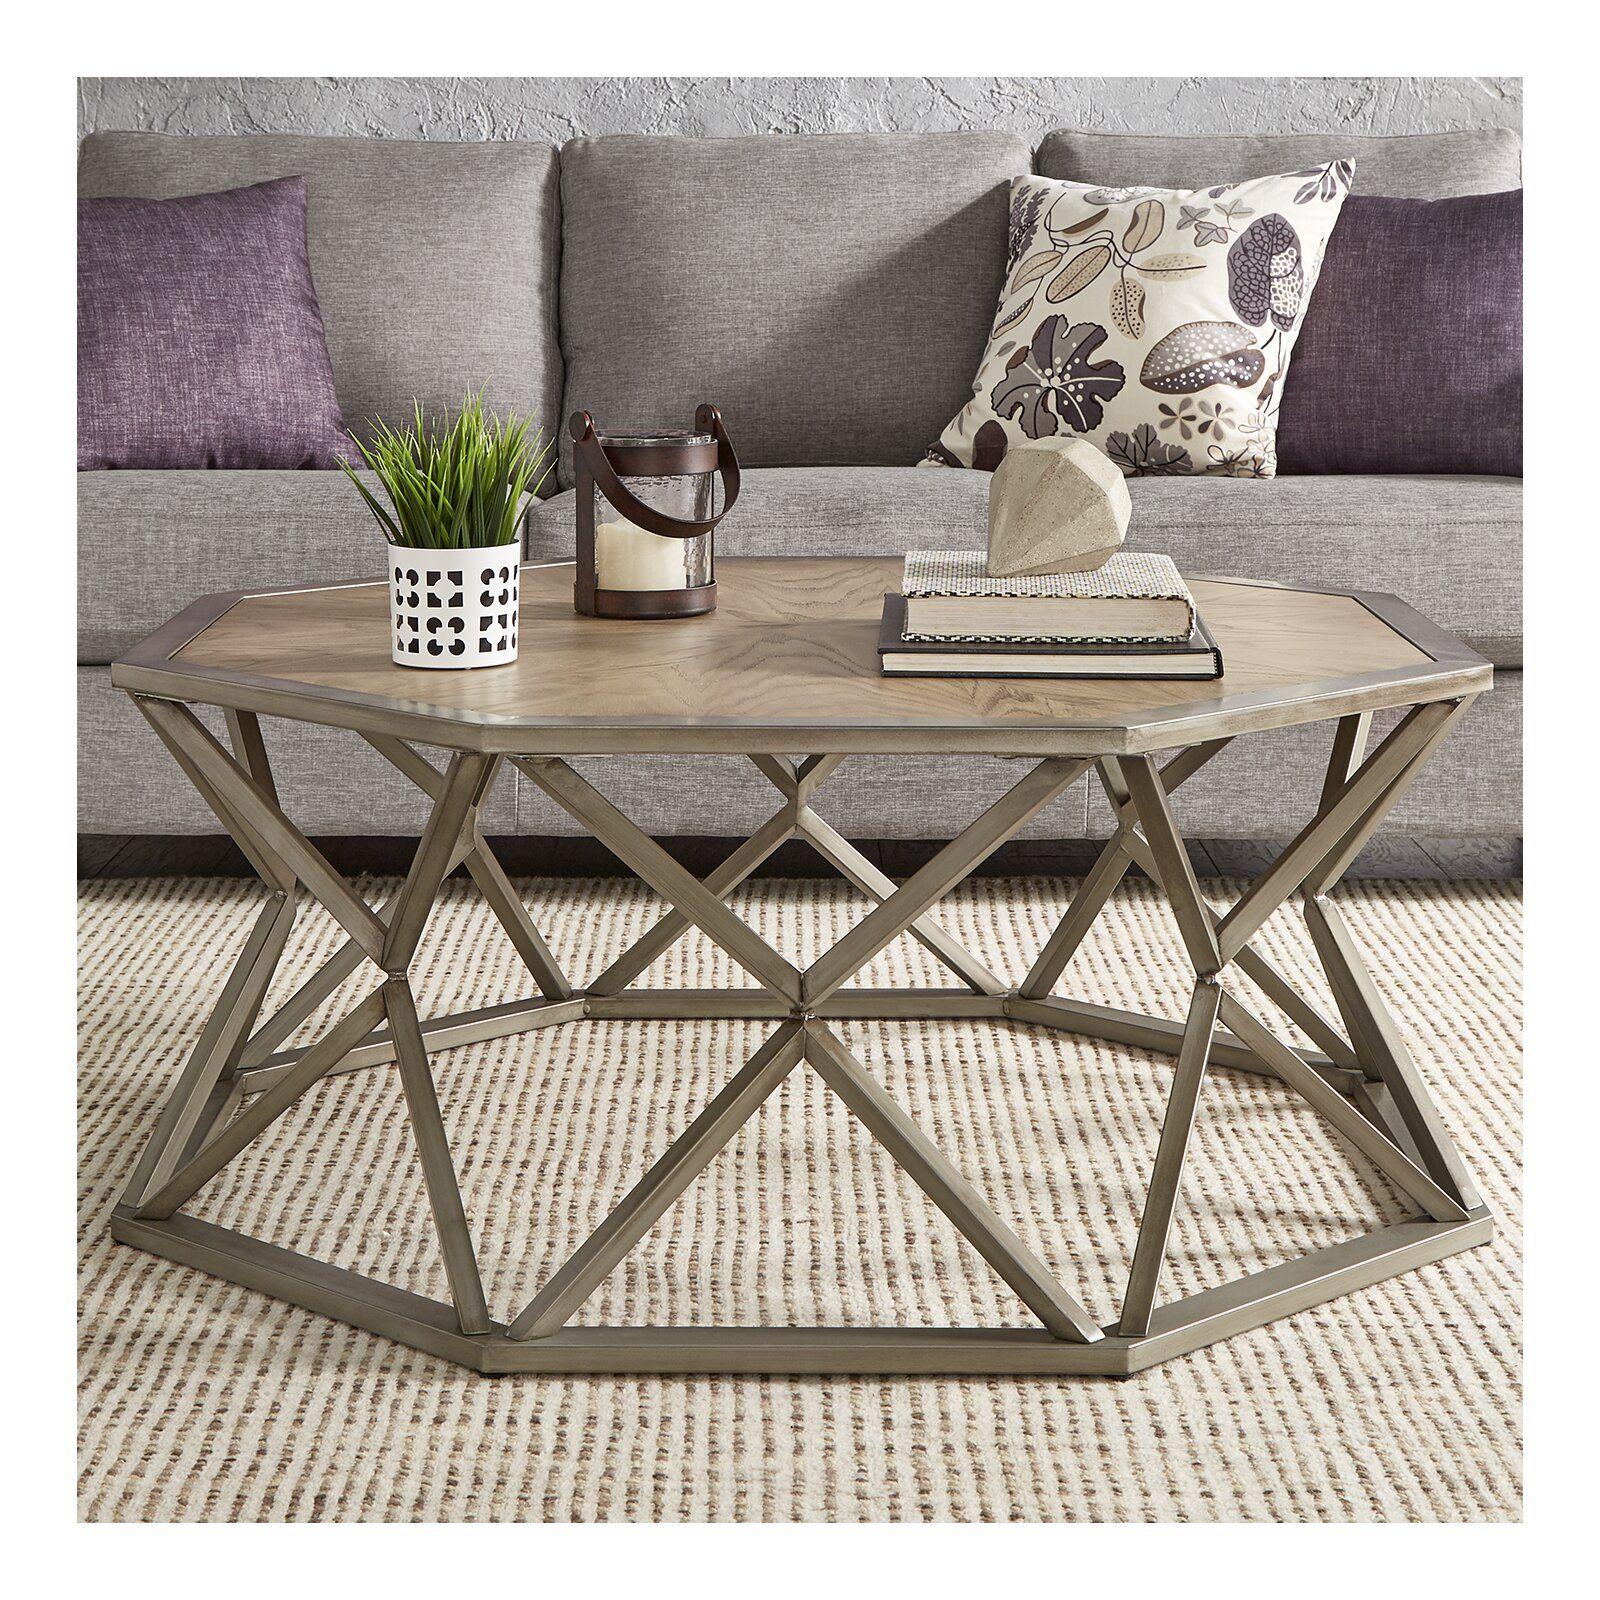 Slocumb Coffee Table Reviews Birch Lane Geometric Coffee Table Coffee Table Traditional Coffee Table [ 1600 x 1600 Pixel ]